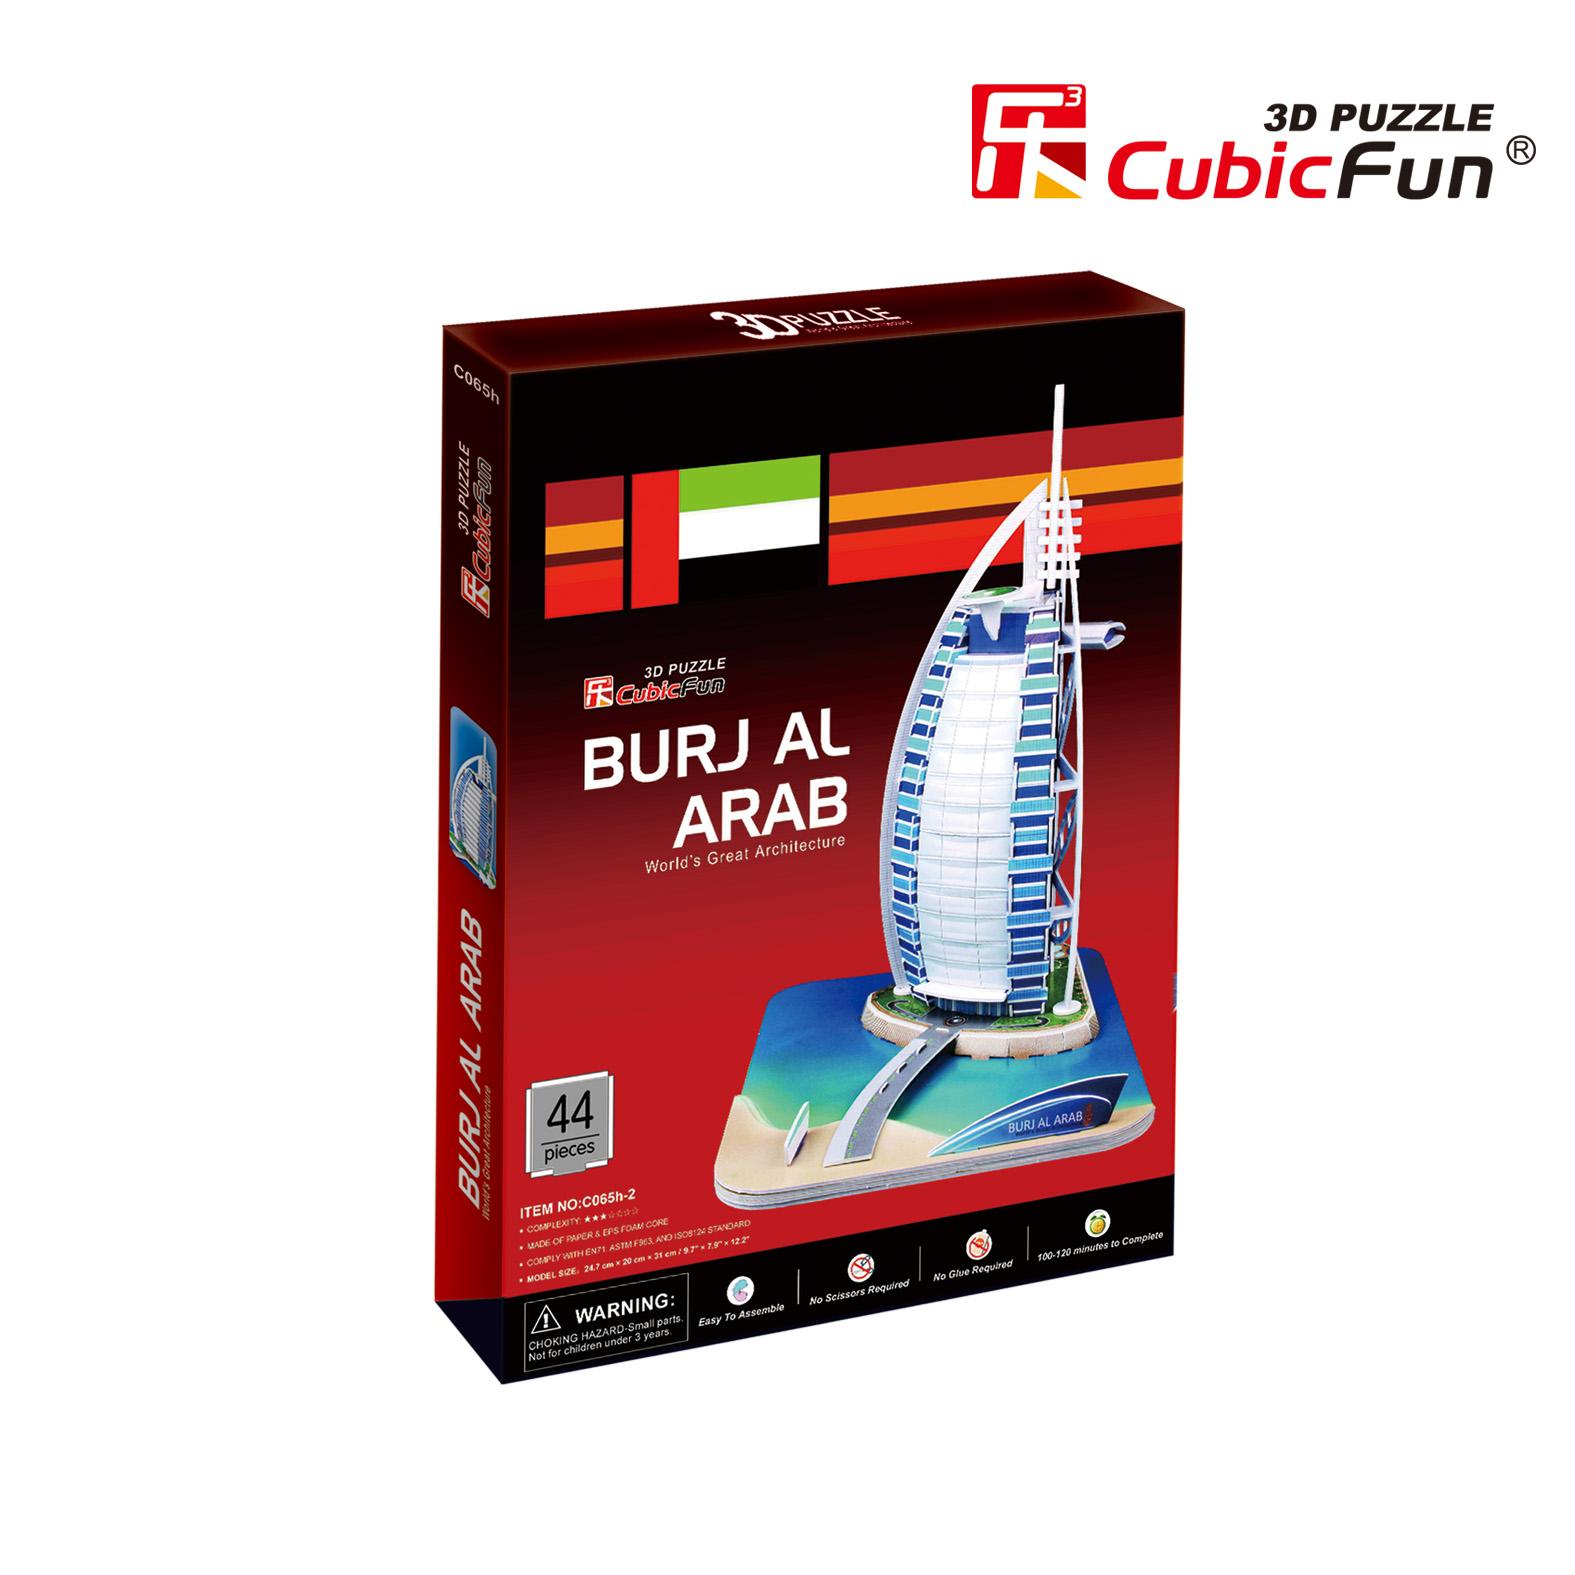 BURJAL-ARAB